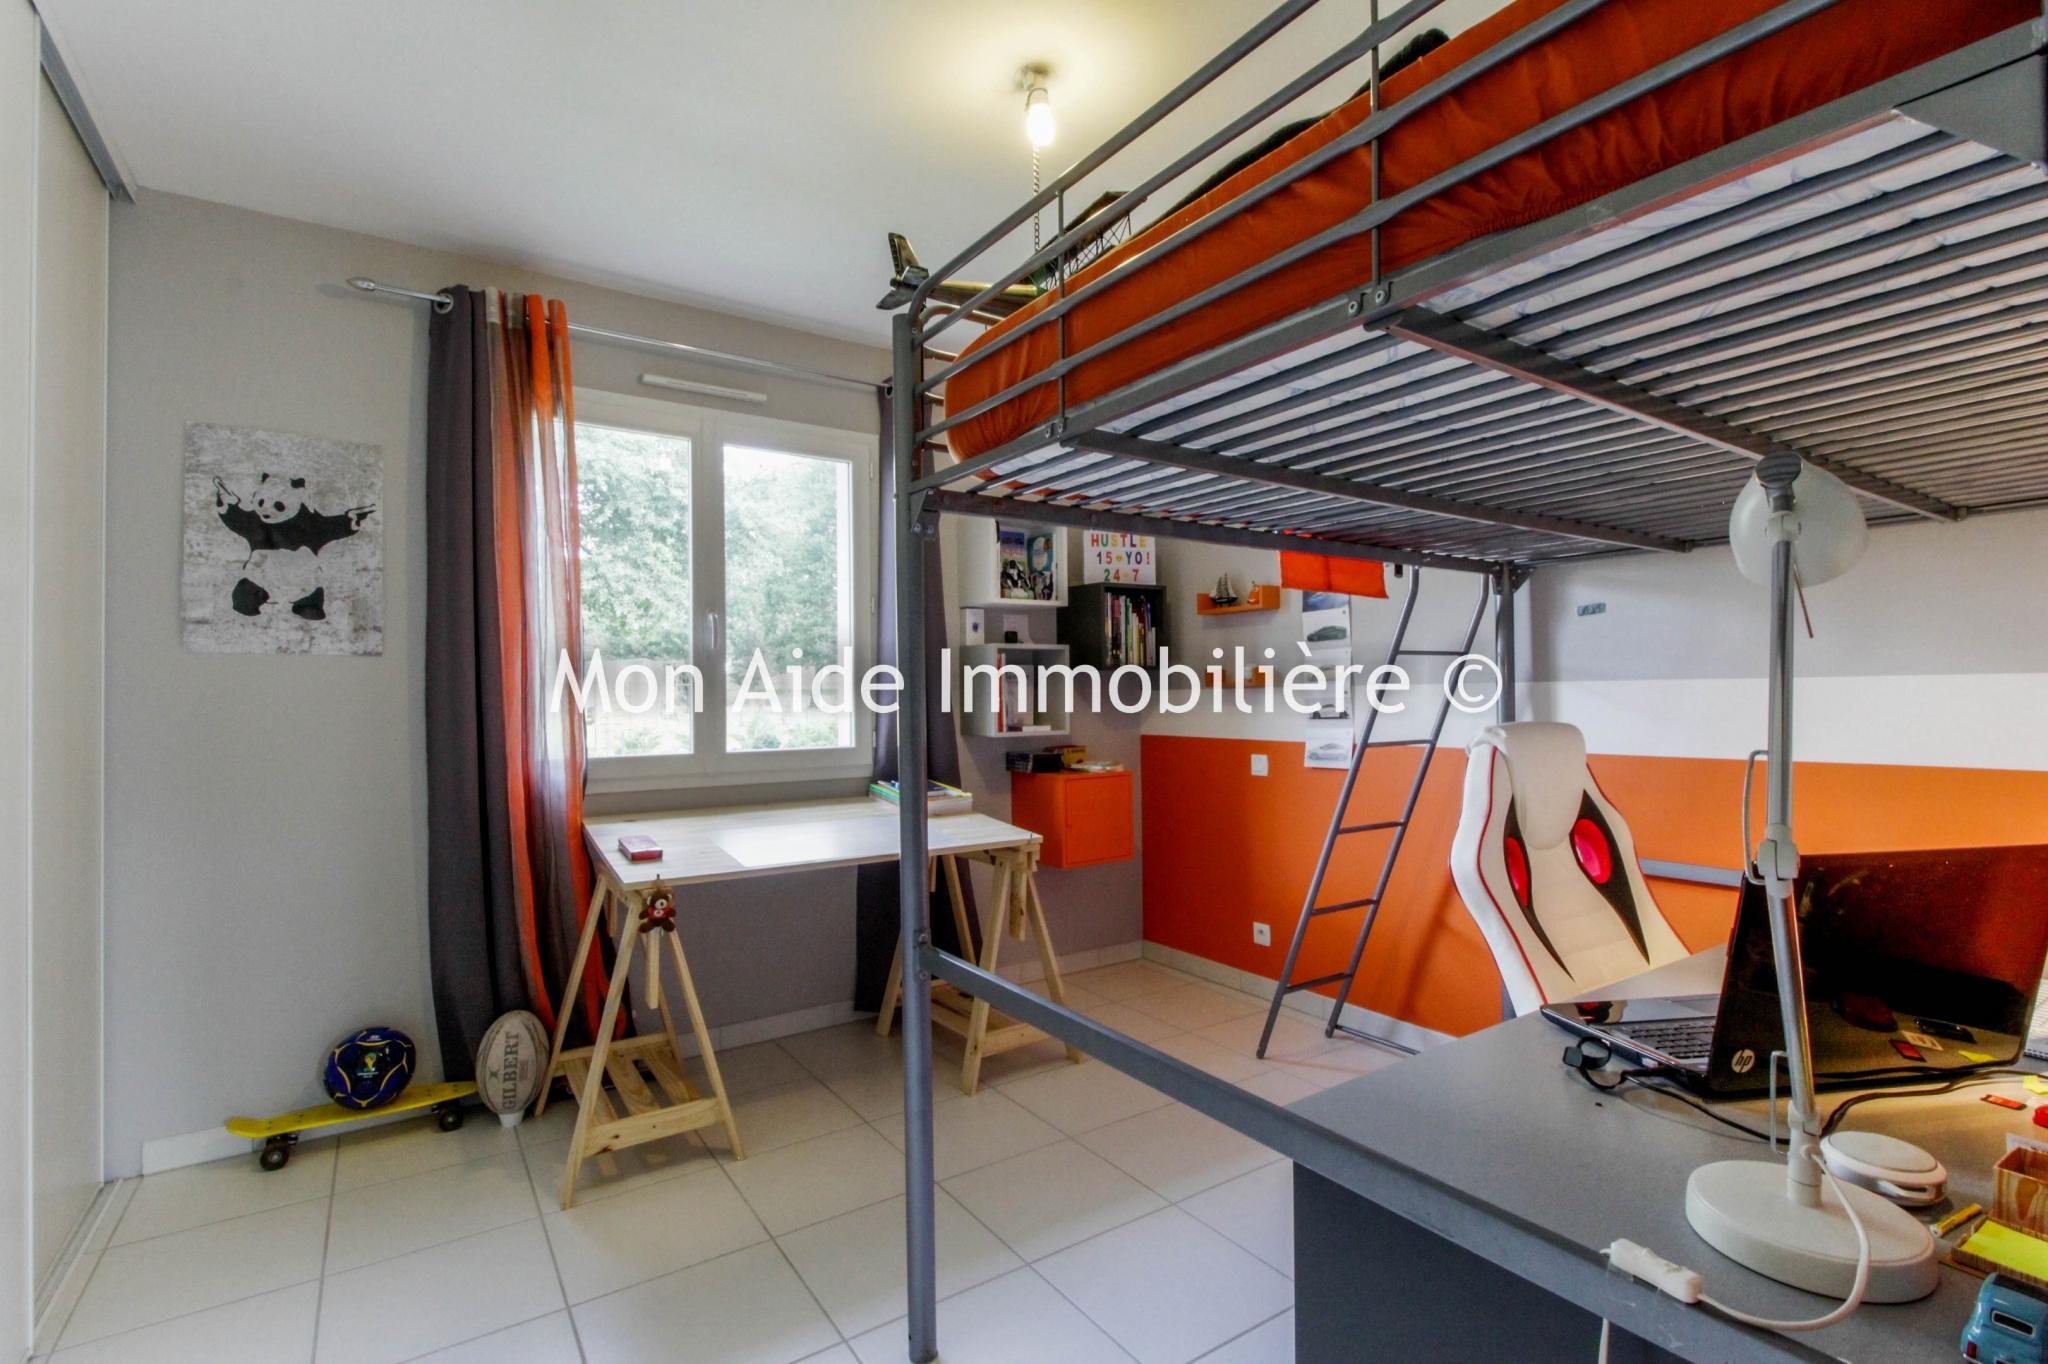 Salle De Bain Moderne 7M2 vente 100% entre particuliers, maison moderne plain-pied